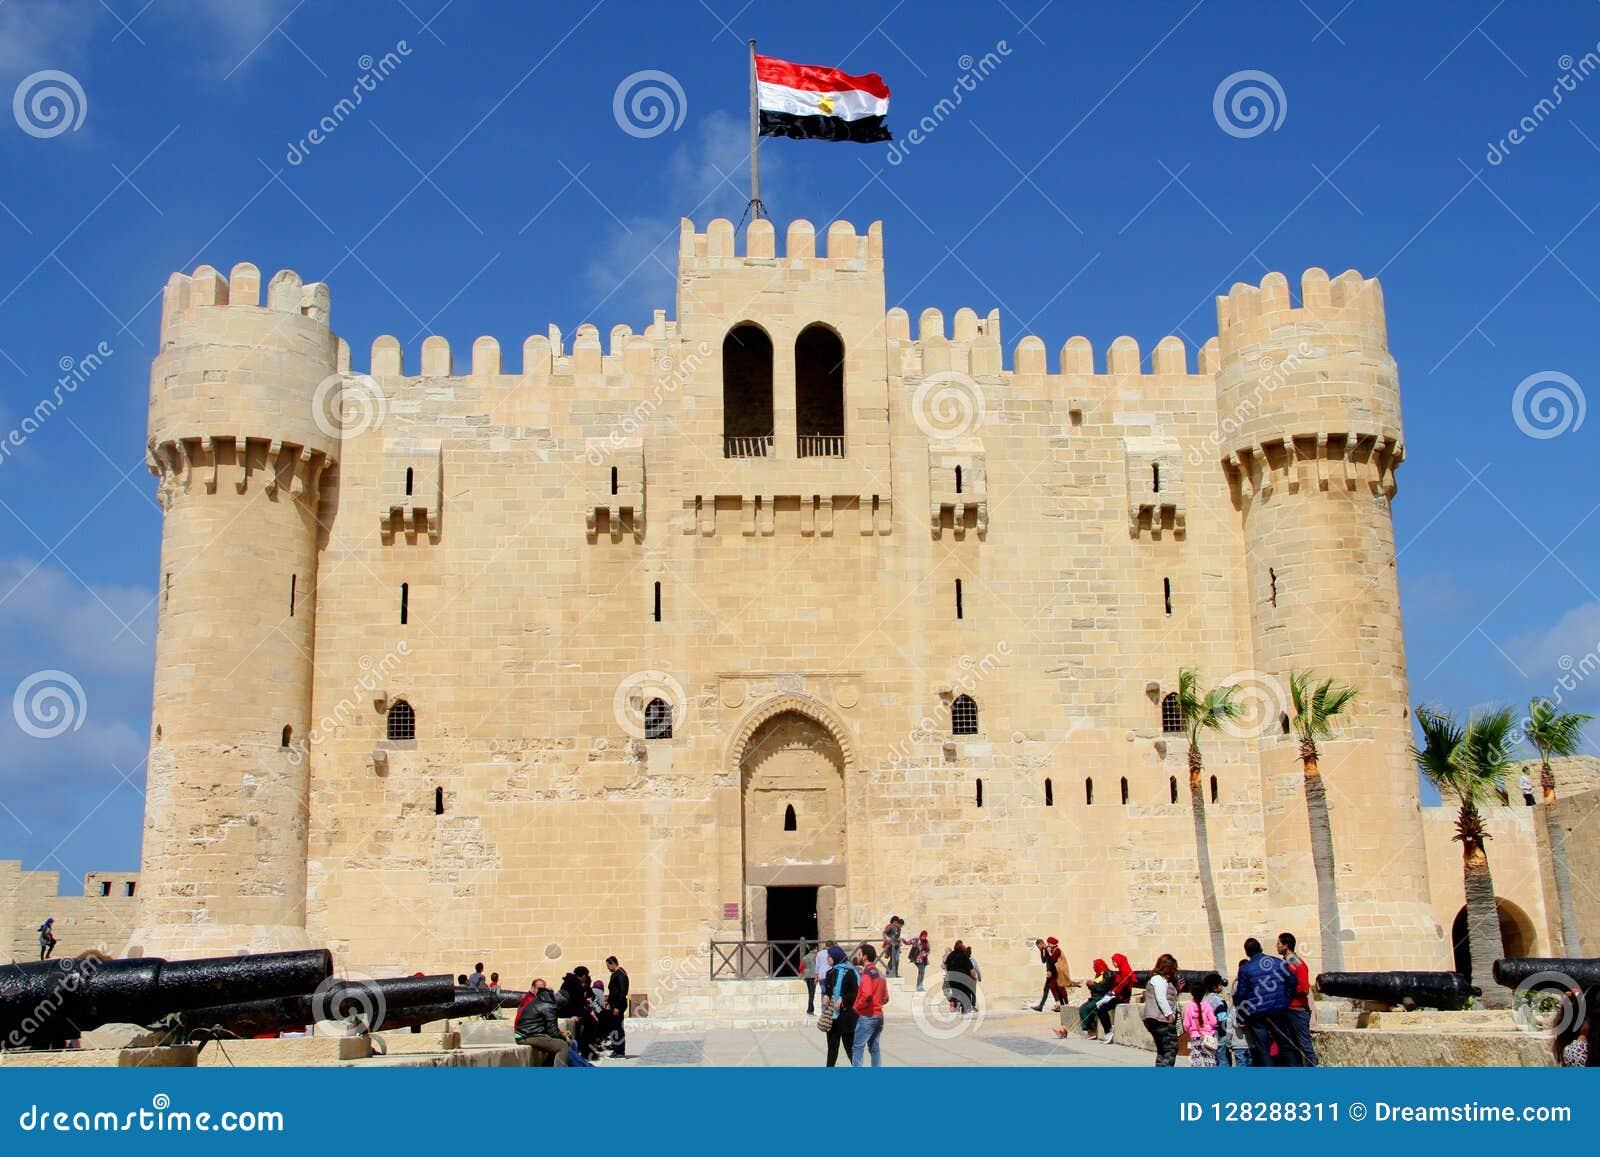 Ακρόπολη του κόλπου Αλεξάνδρεια, Αίγυπτος Qaid